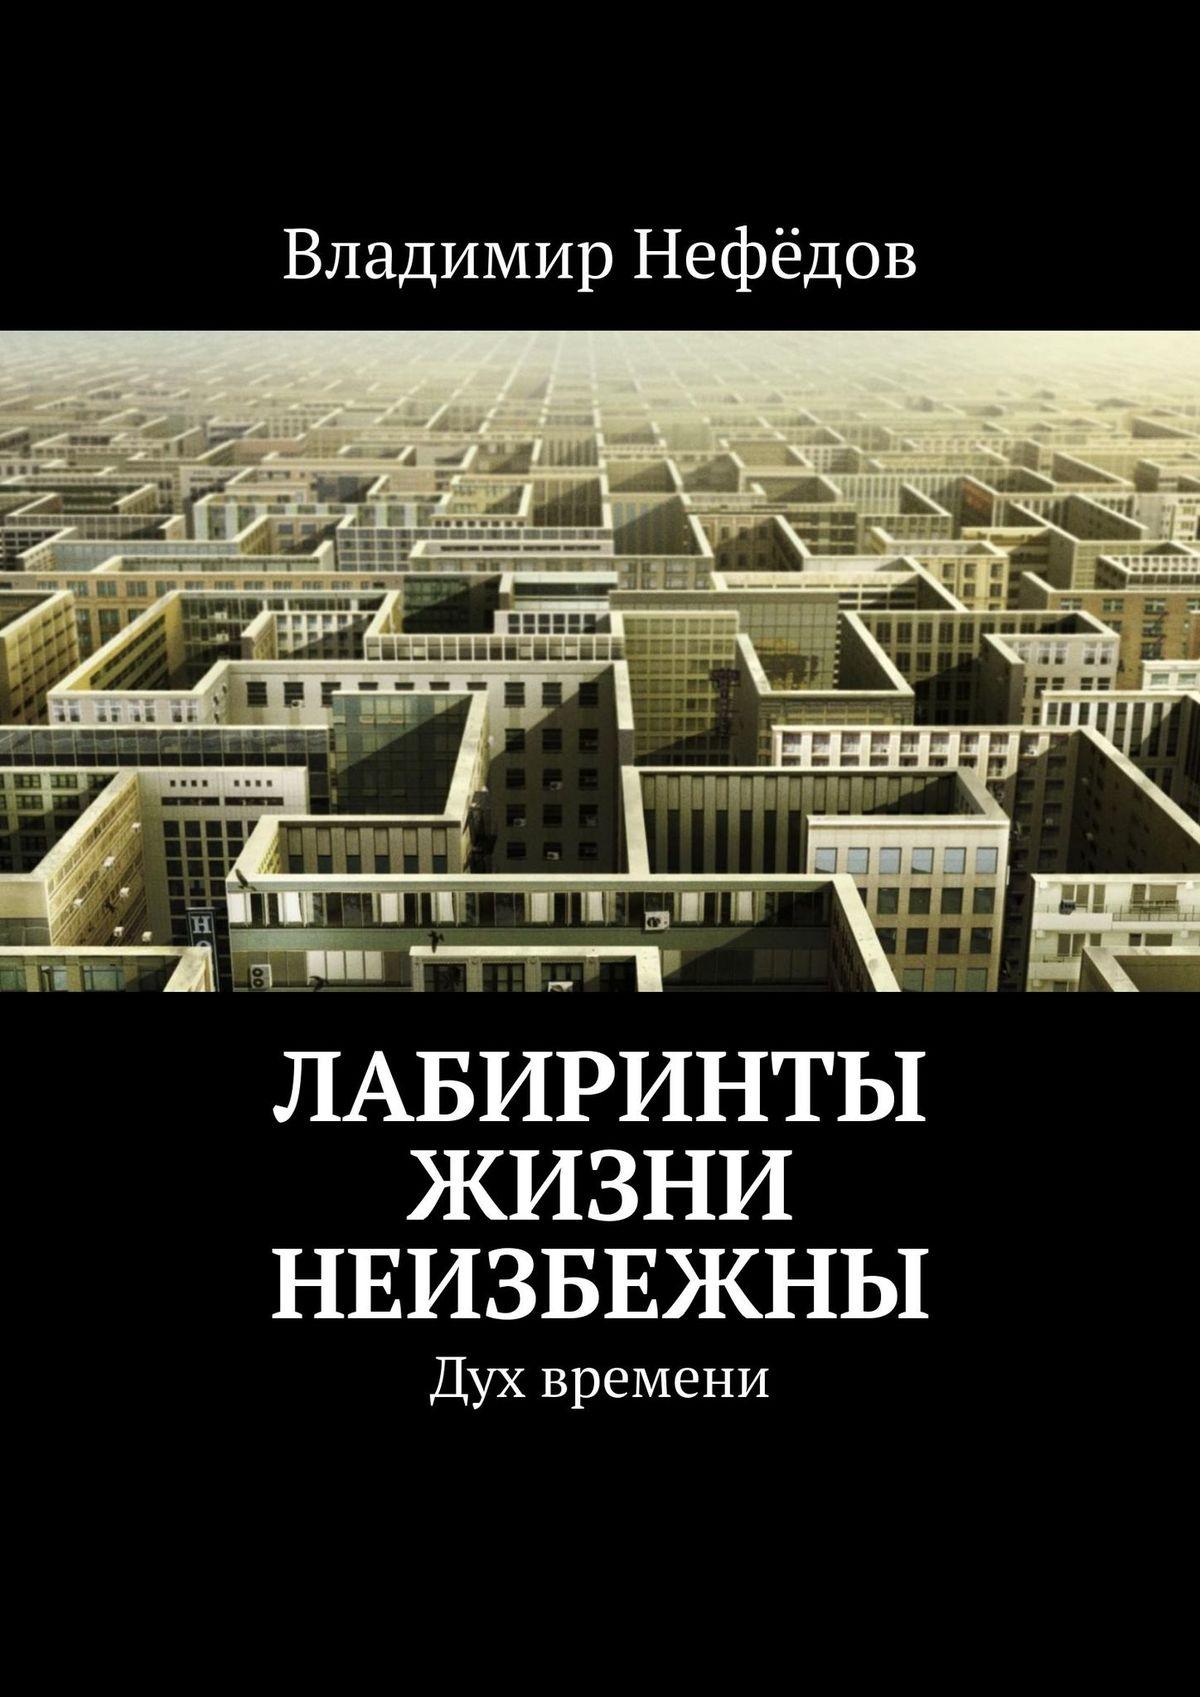 Владимир Иванович Нефёдов Лабиринты жизни неизбежны. Дух времени мойес дж один плюс один